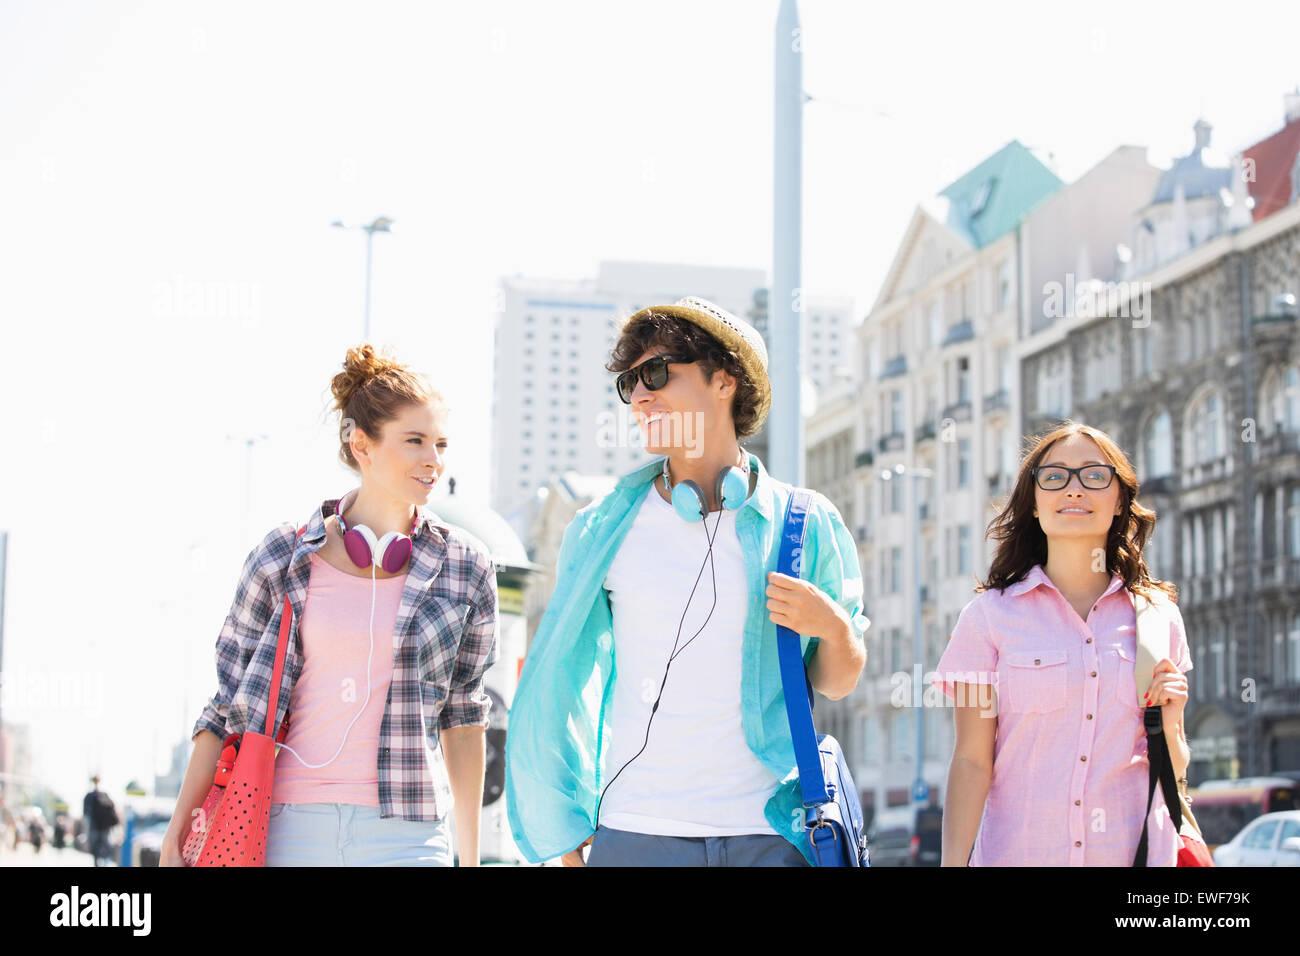 Heureux amis parler tout en marchant dans la ville Photo Stock